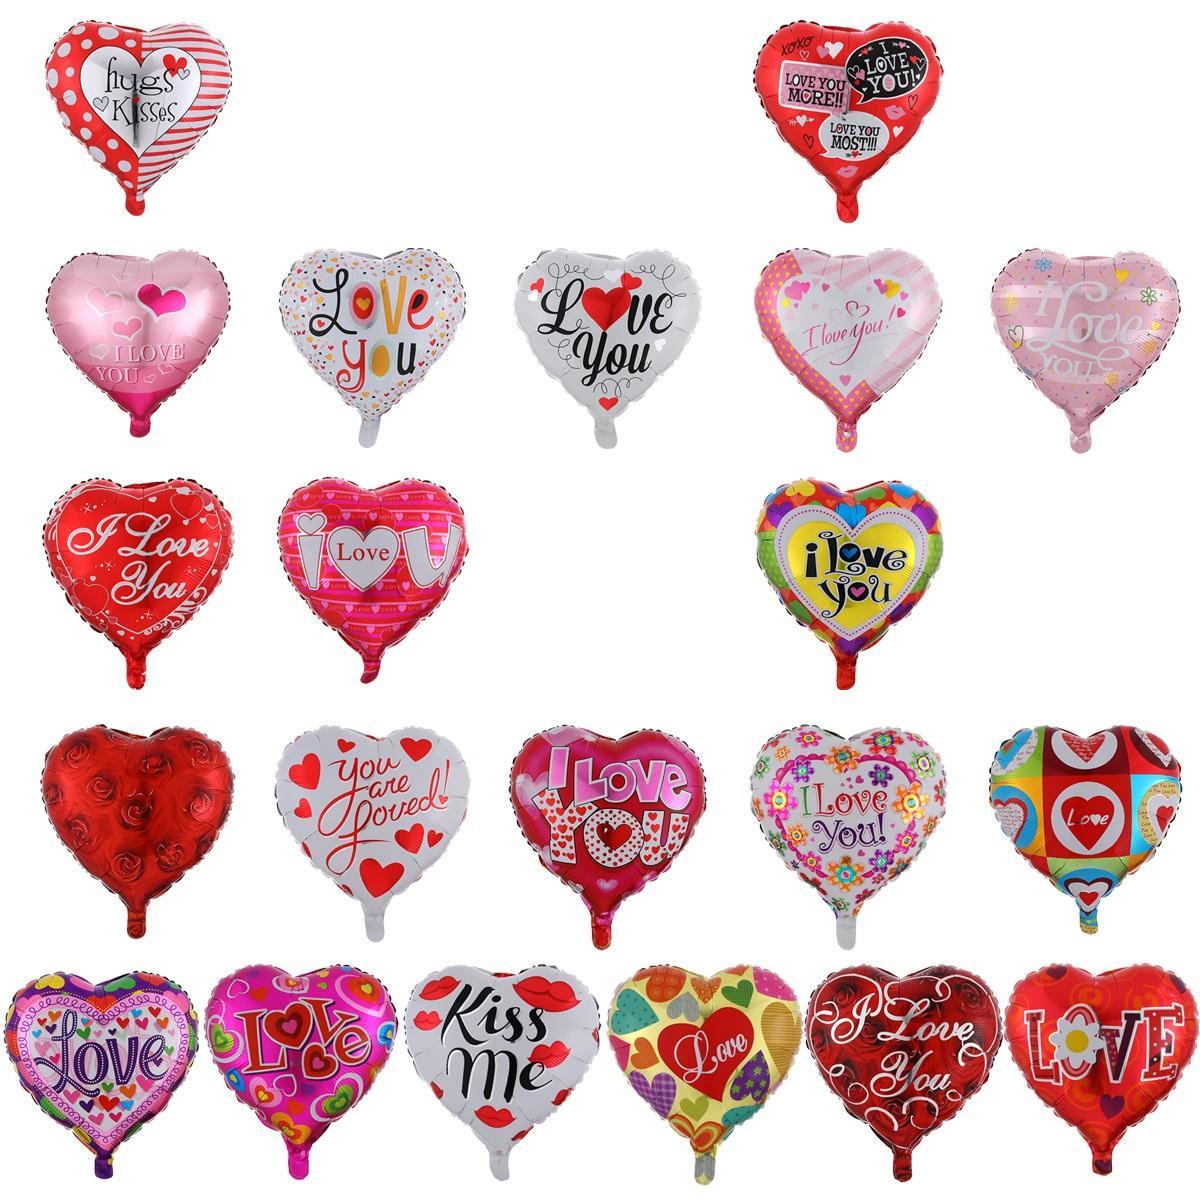 Party Dekoration Ballons Herz Ballon 18 Zoll Hochzeit Valentines Tage Aluminiumfolie